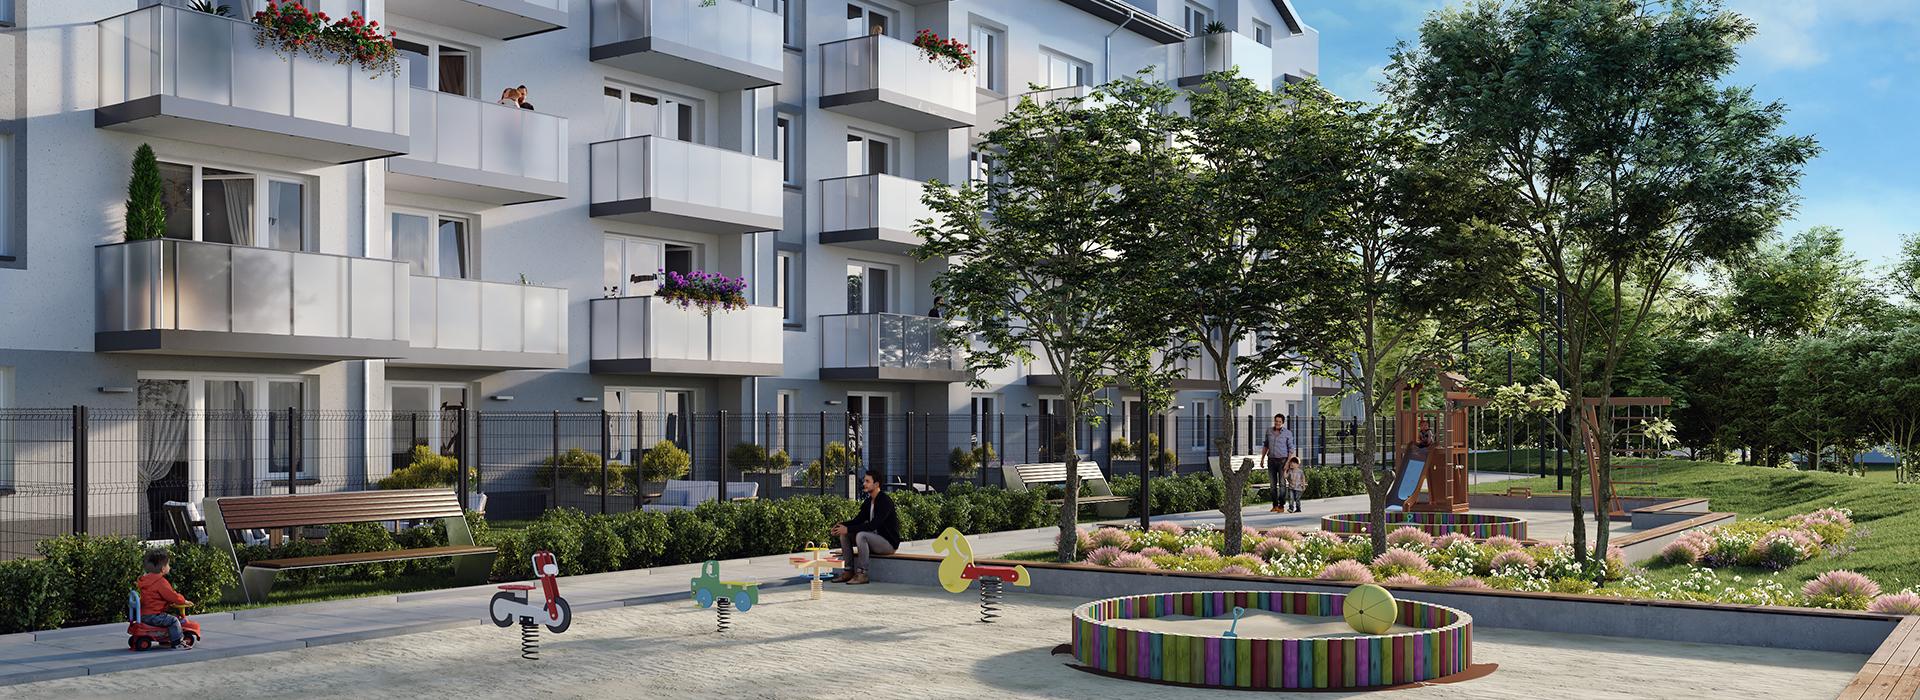 Mieszkania rynek pierwotny Gdańsk